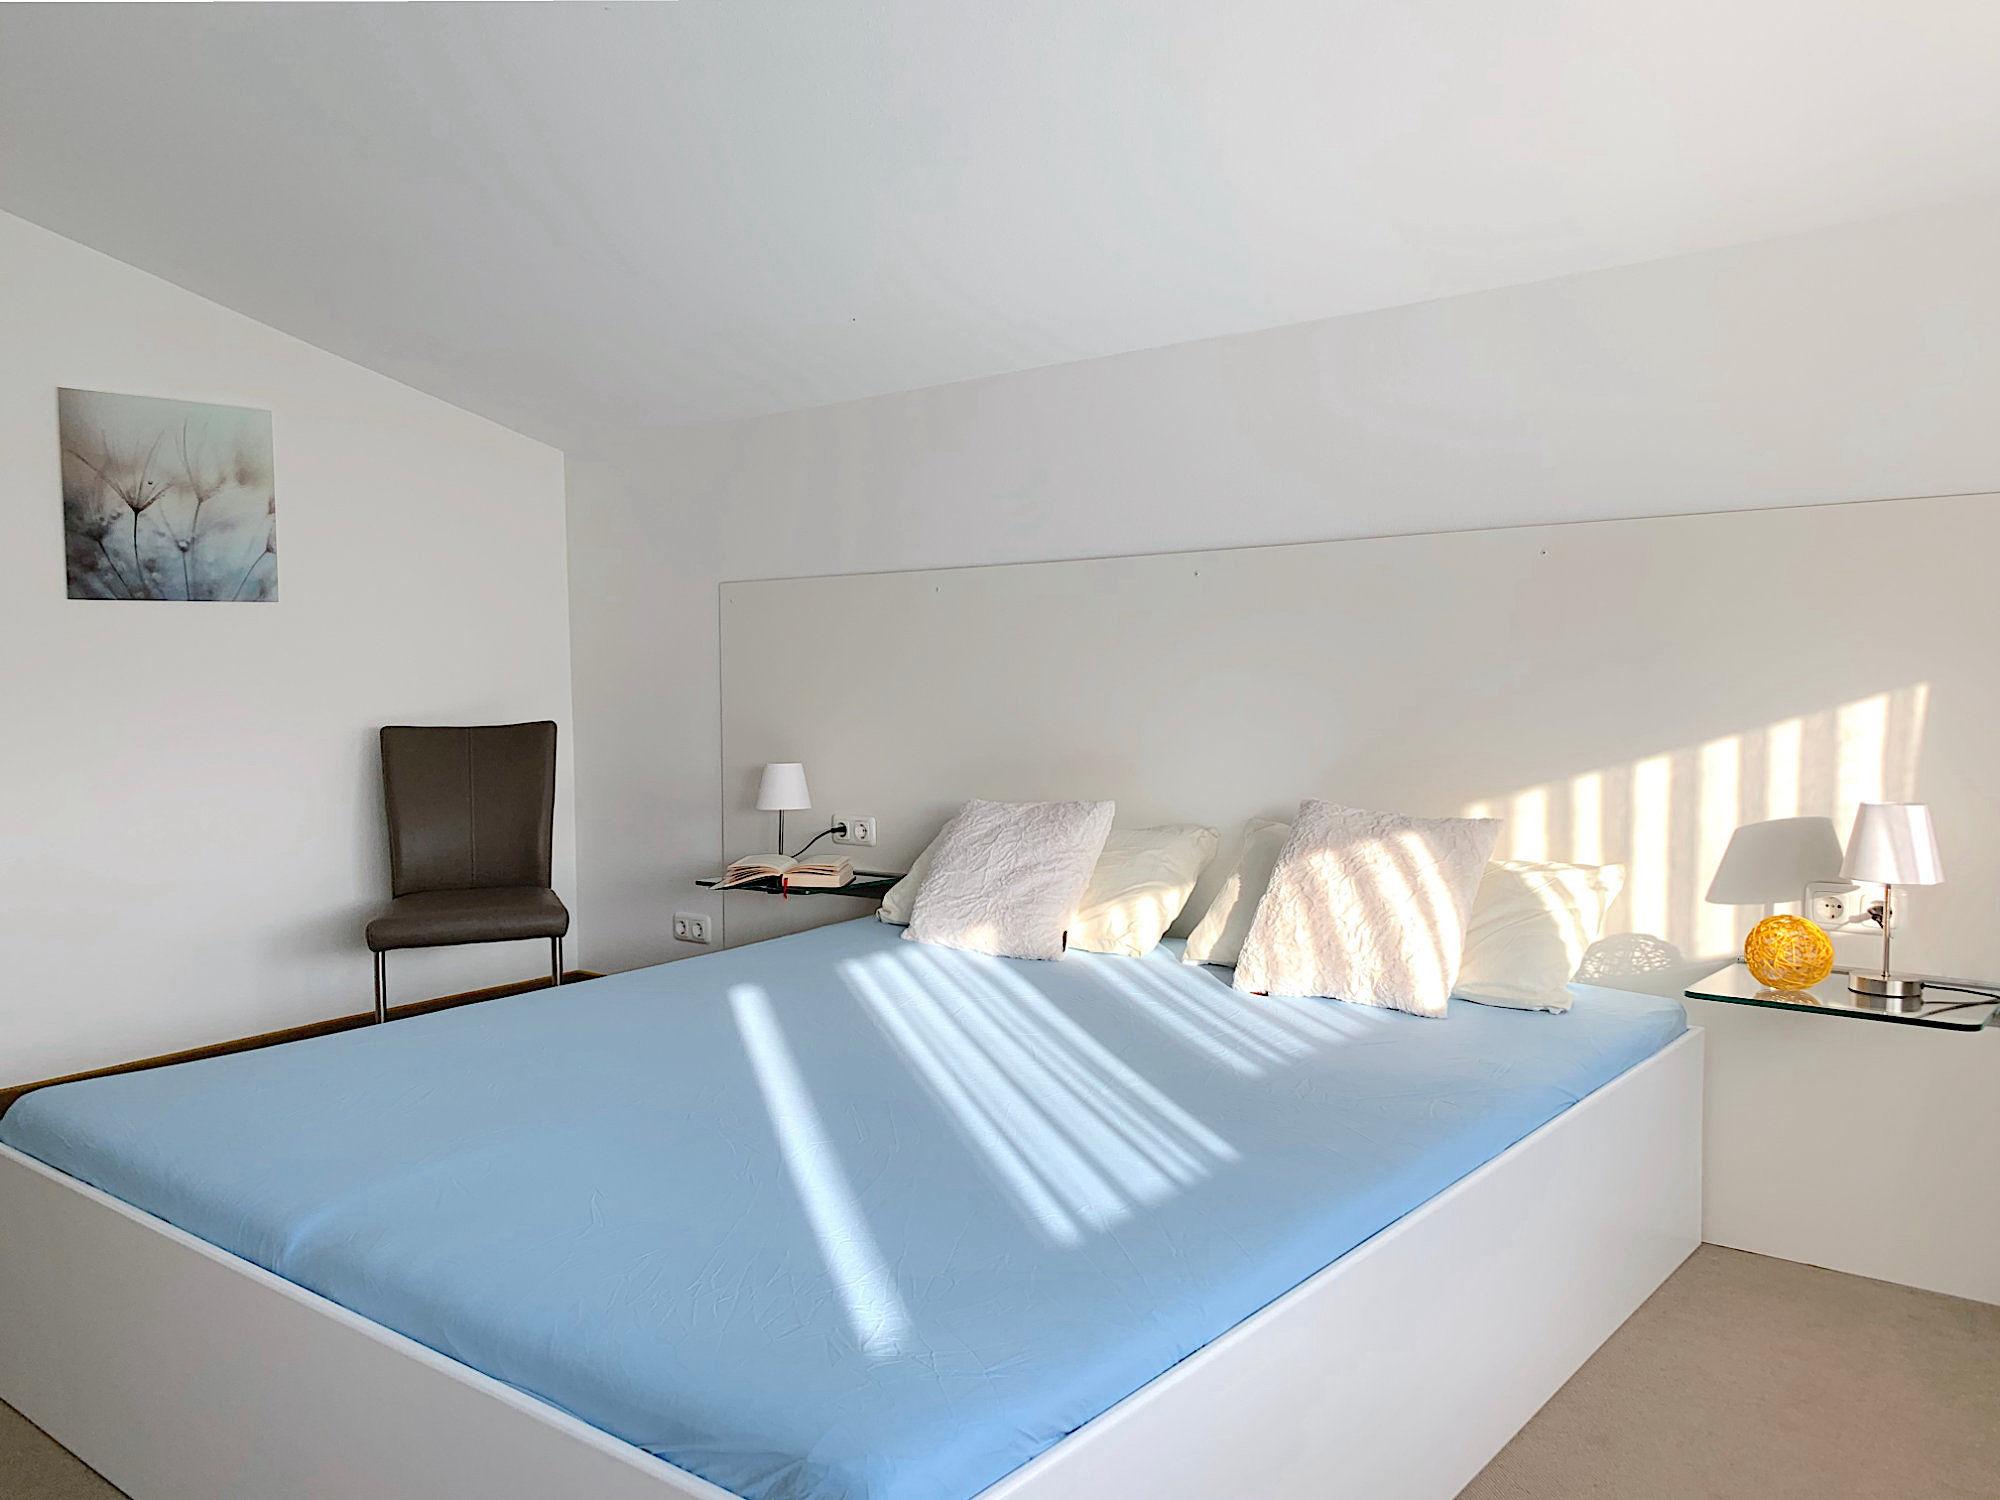 Schlafzimmer mit Doppelbett, ein Stuhl steht neben dem Bett